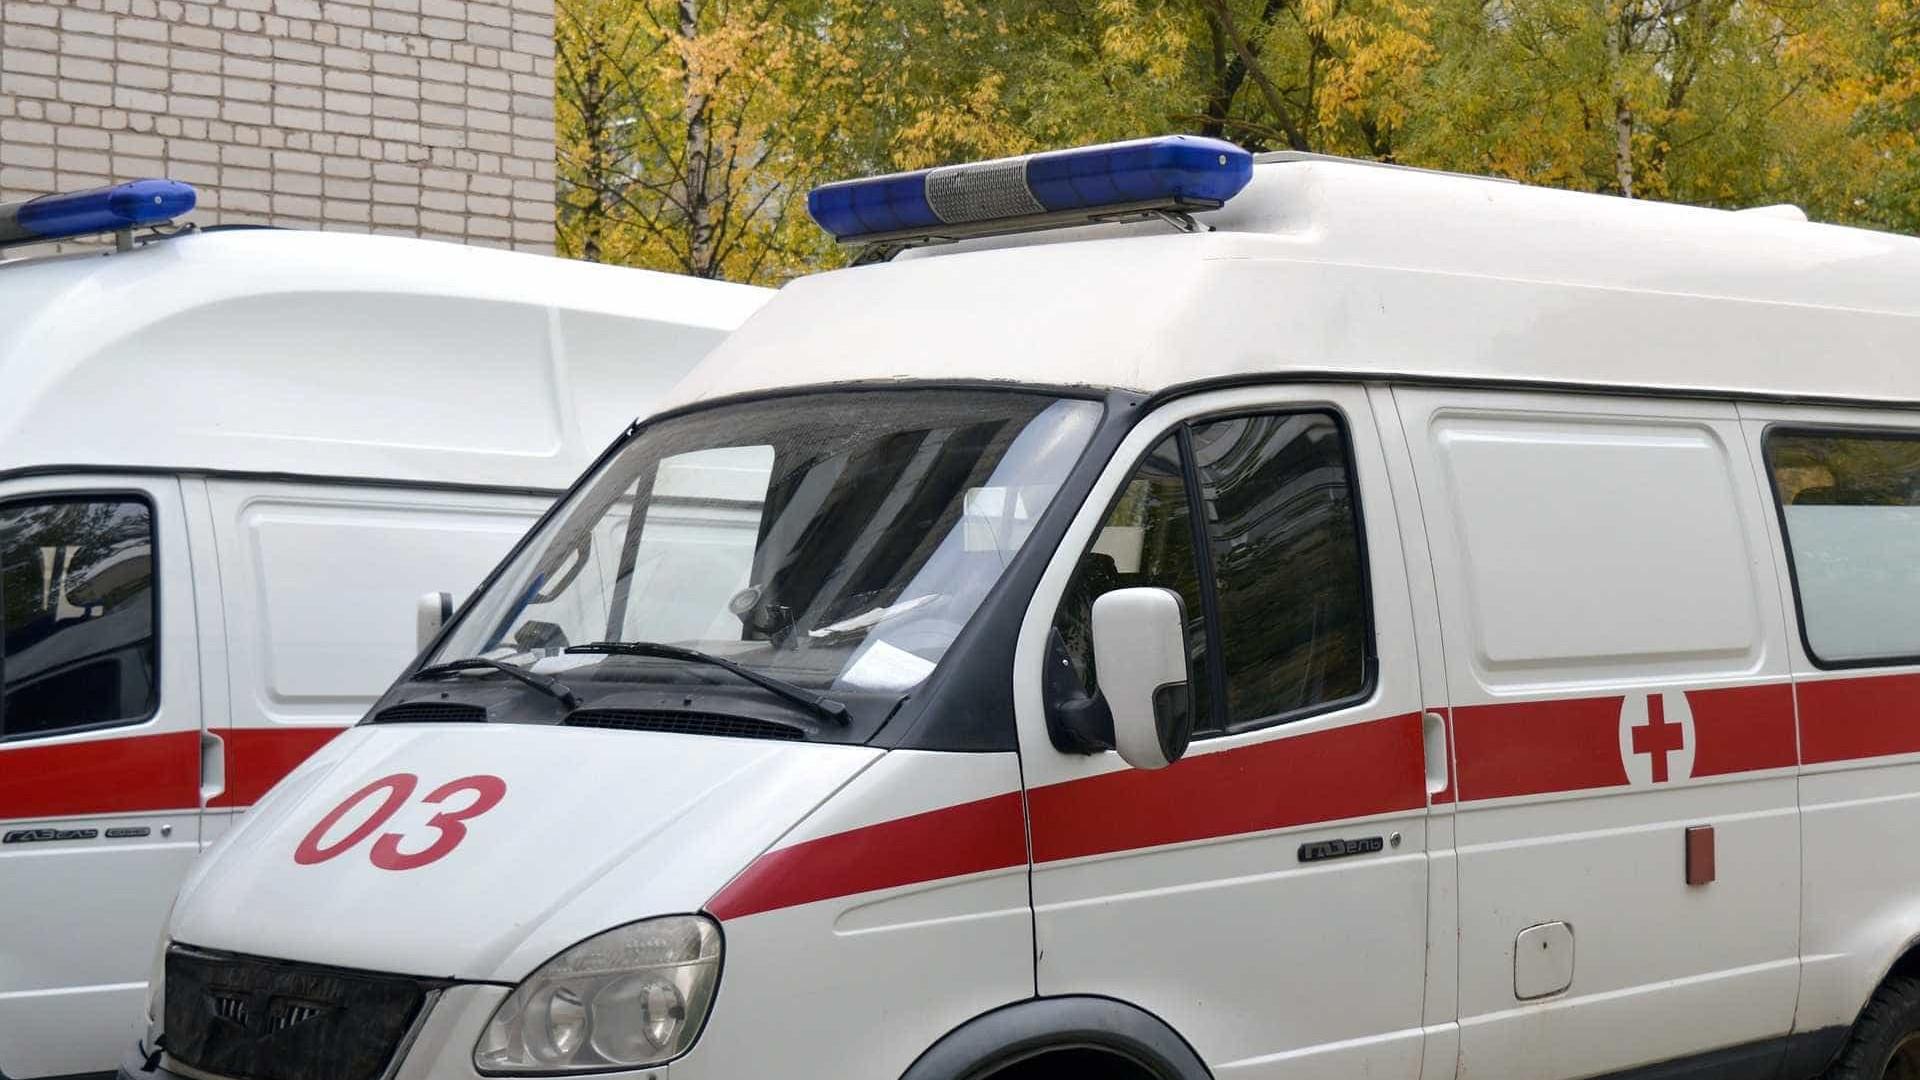 Piloto bate carro em árvore e jovem morre em condomínio de luxo em SP